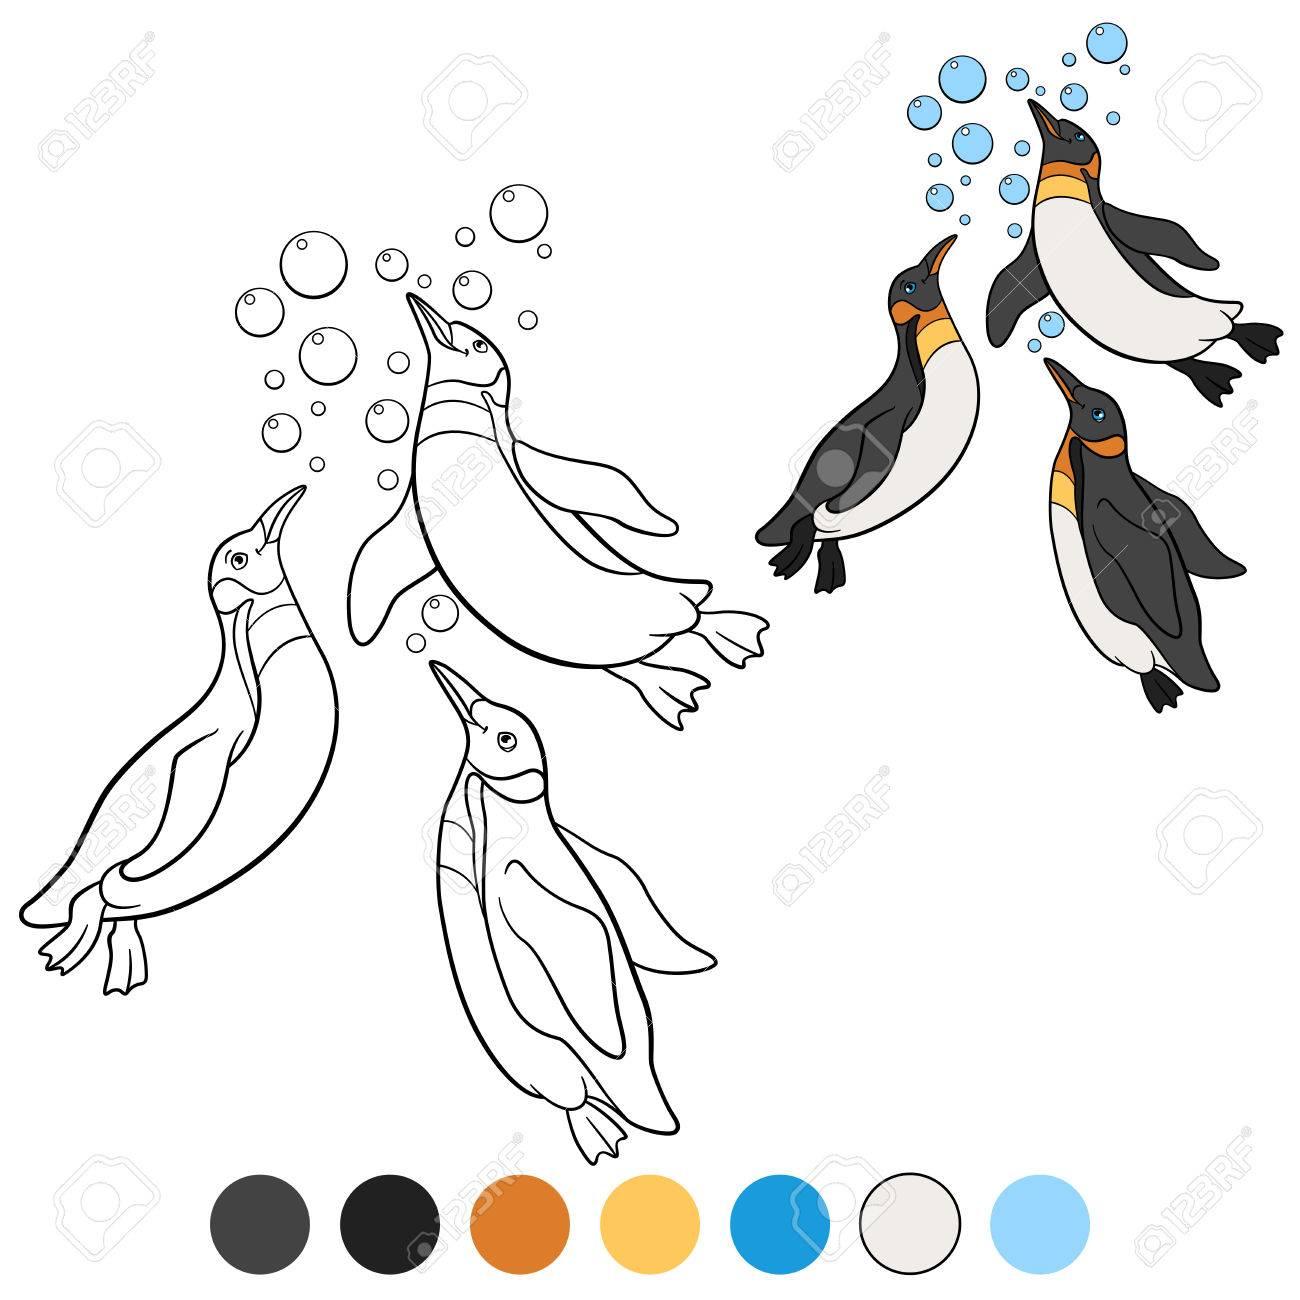 Kleurplaten Drie Kleine Schattige Pinguins Zwemmen En Glimlach